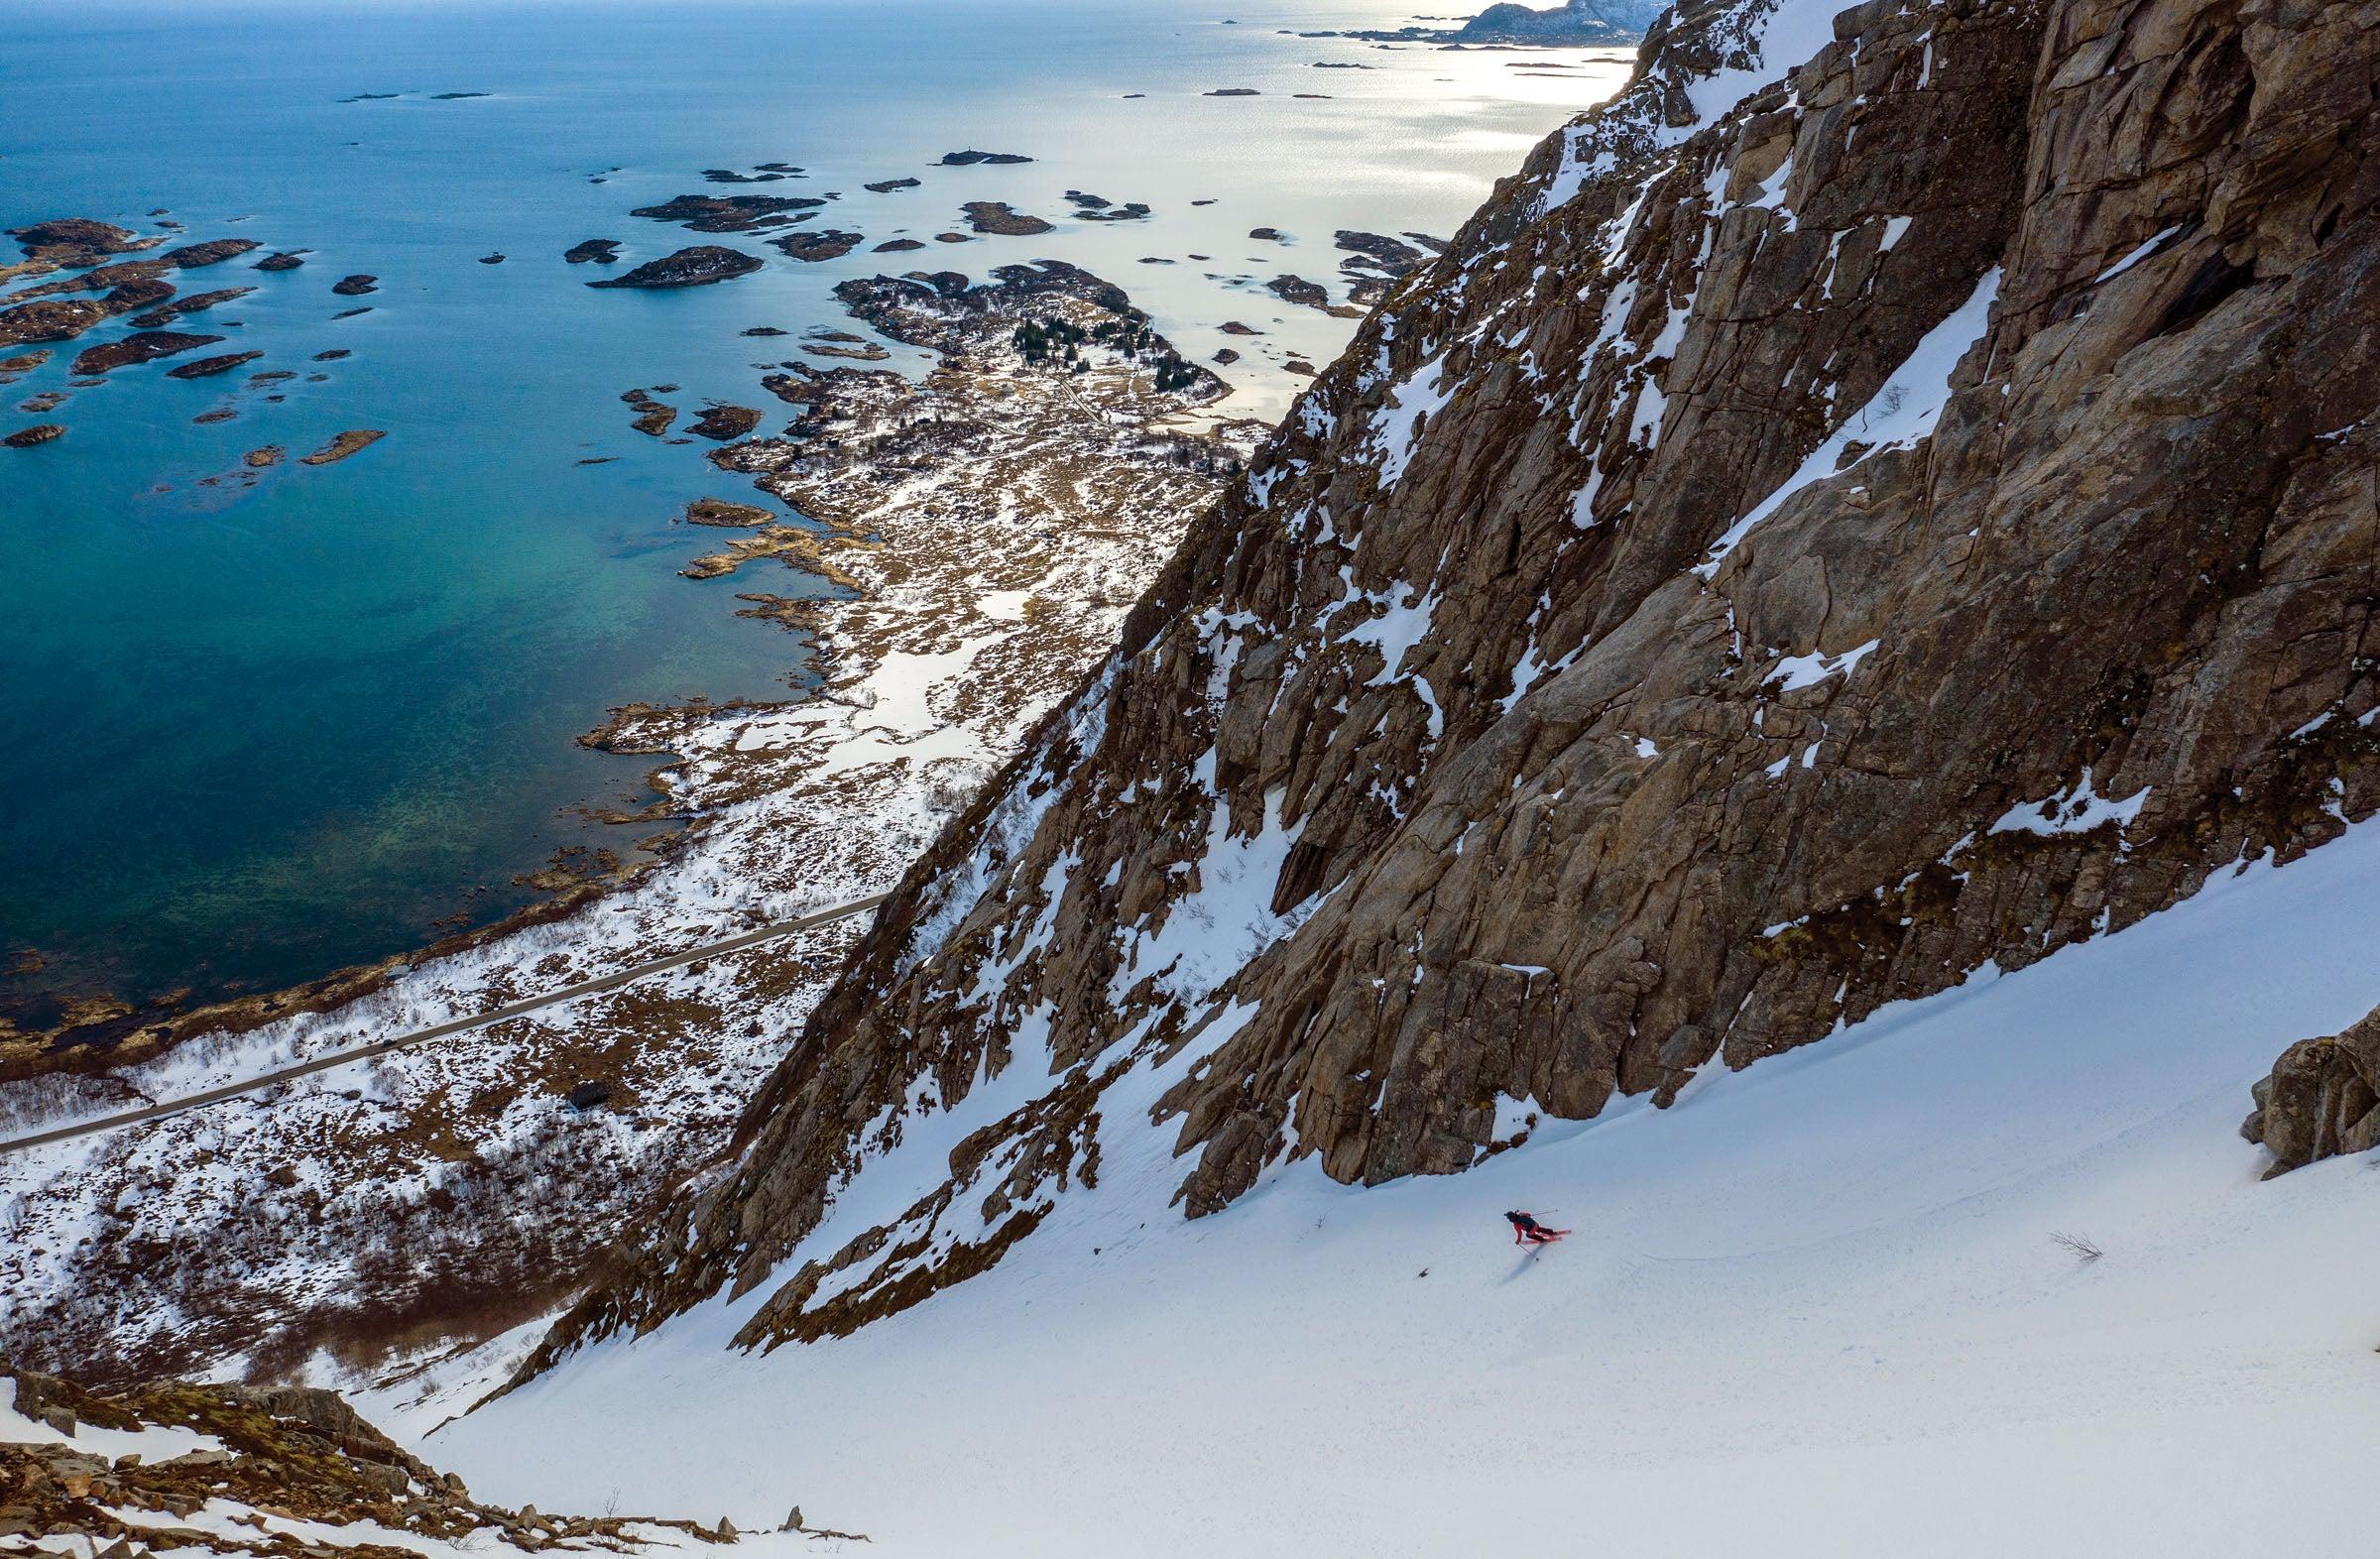 Skiing Norway's Lofoten Islands